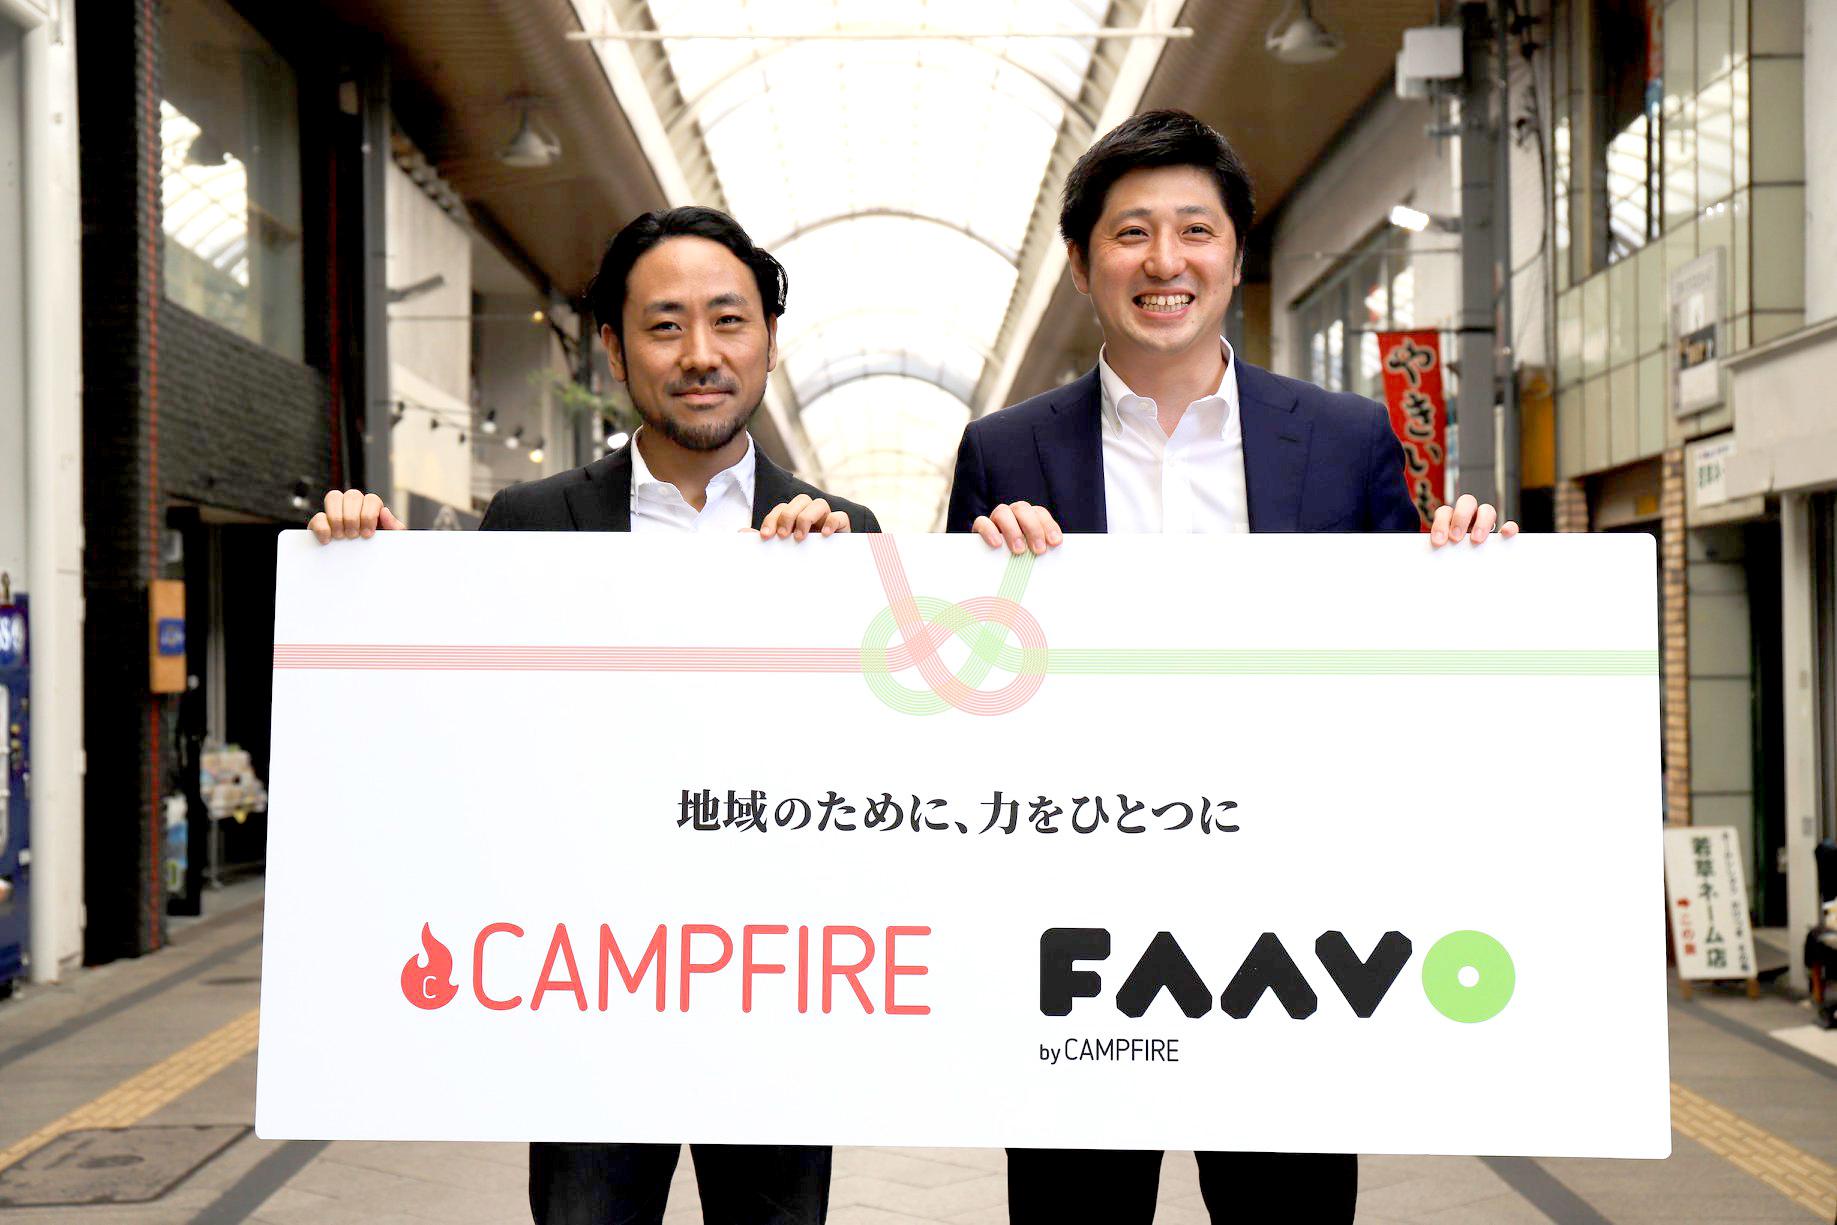 株式会社CAMPFIRE、地域特化型クラウドファンディング「FAAVO」事業譲受